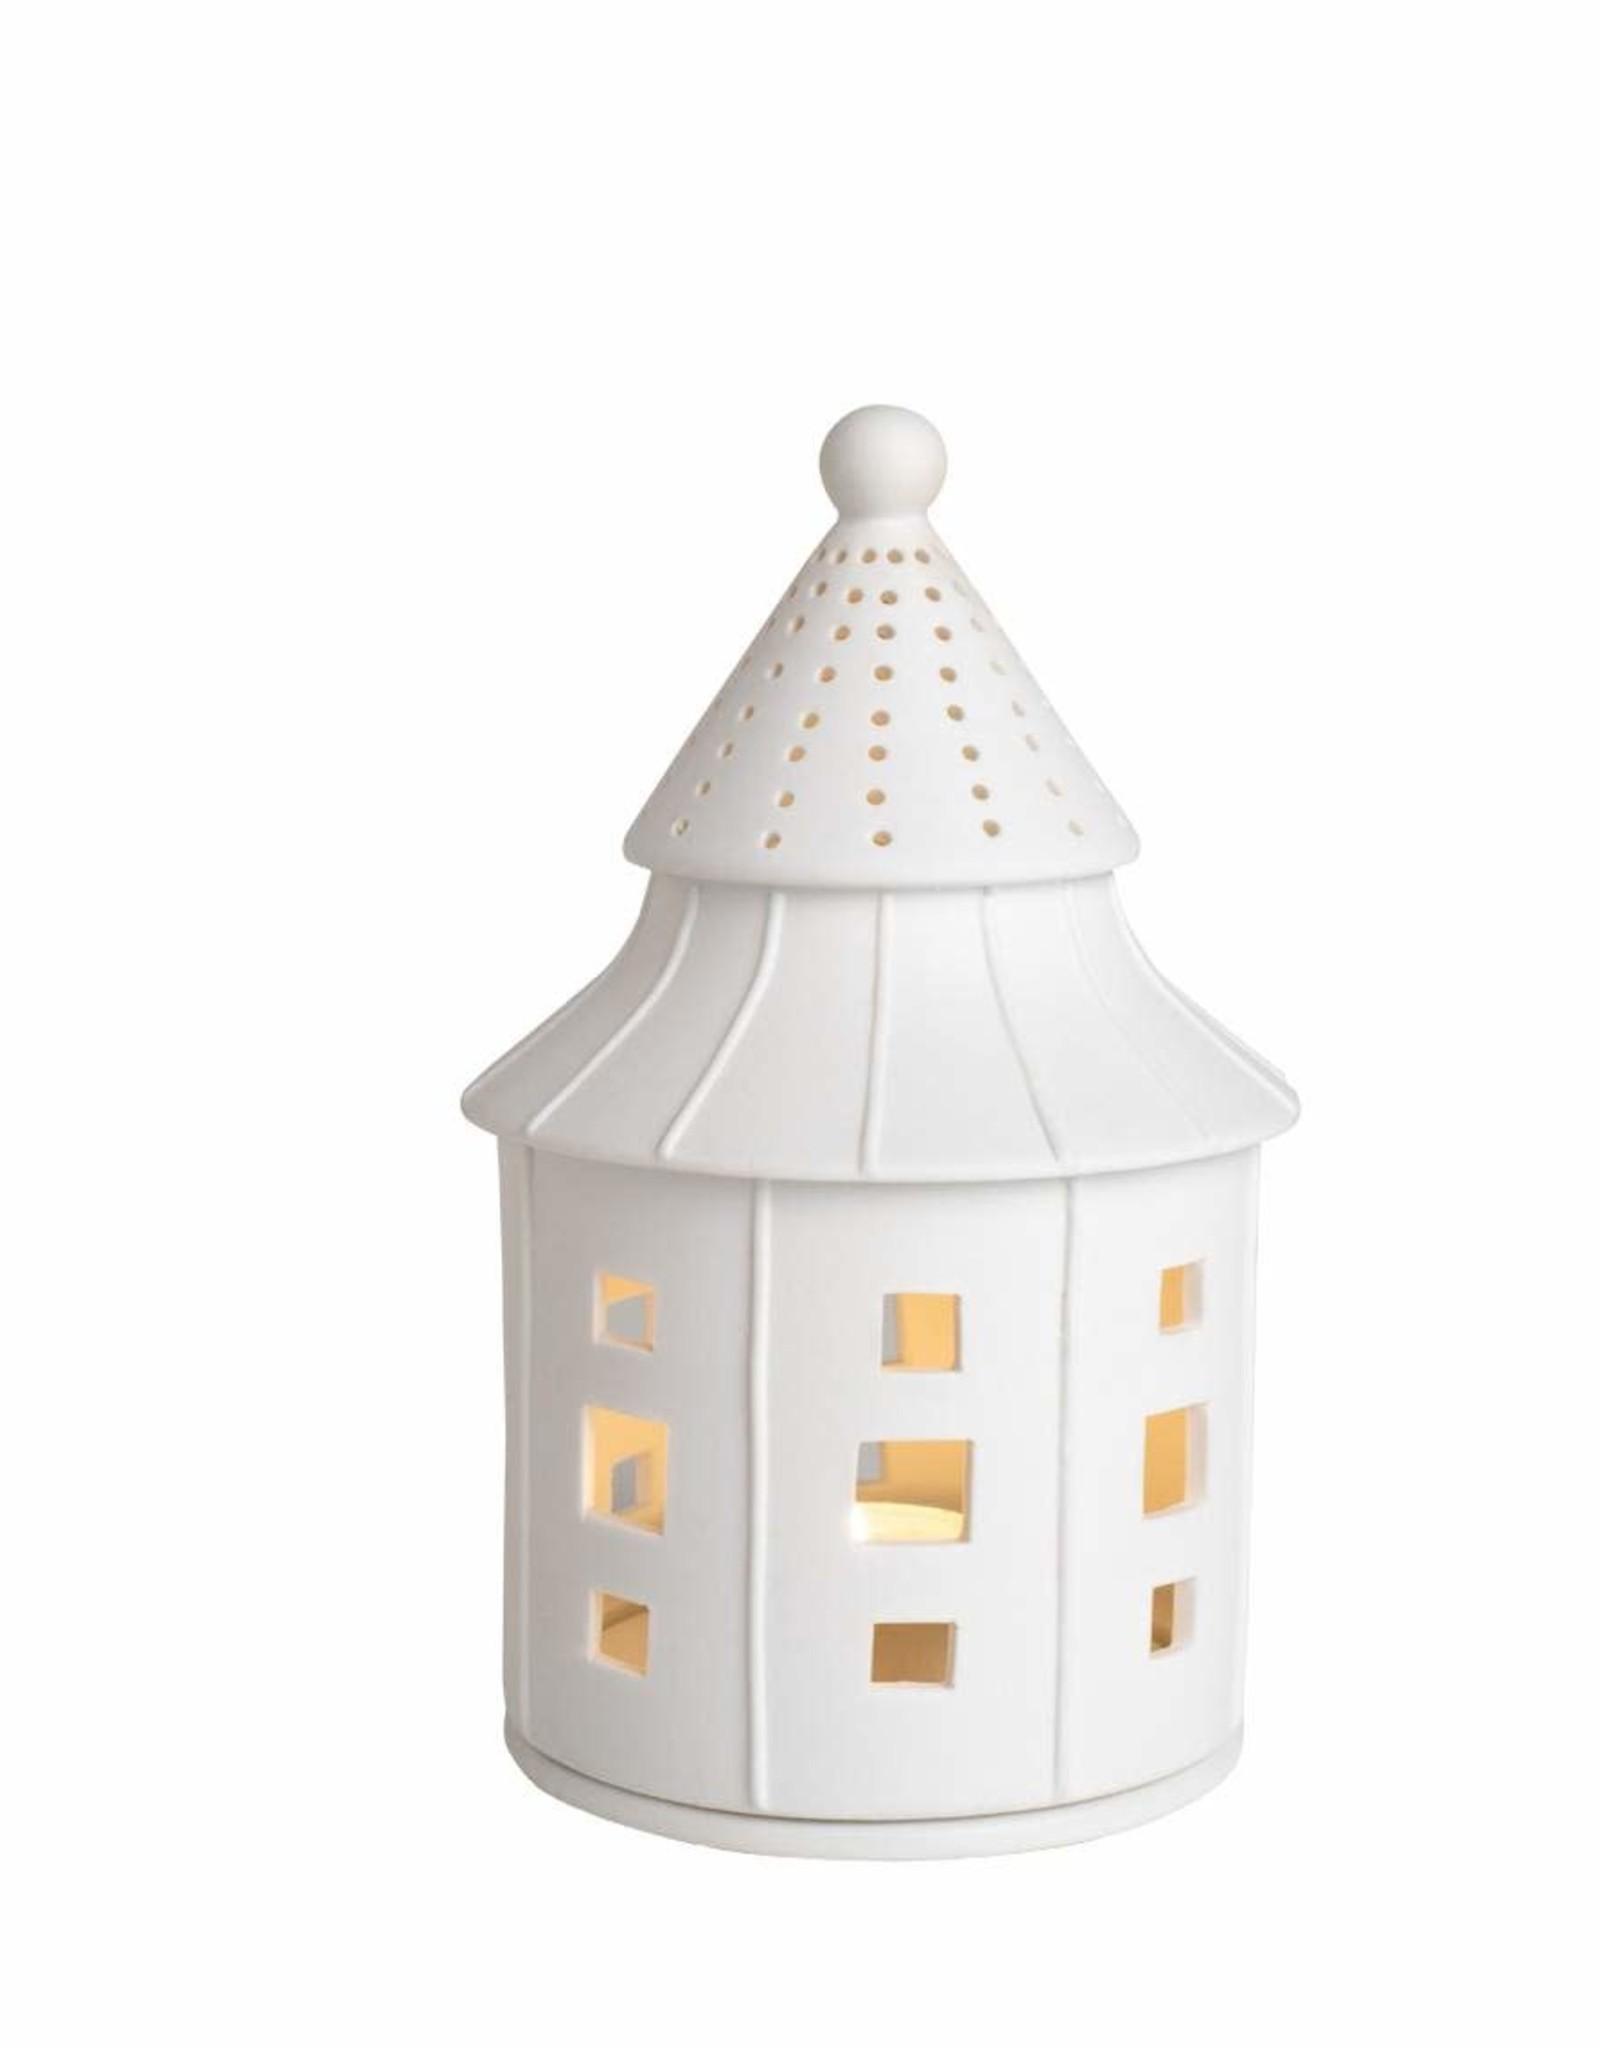 Rader Light House Dream House Large